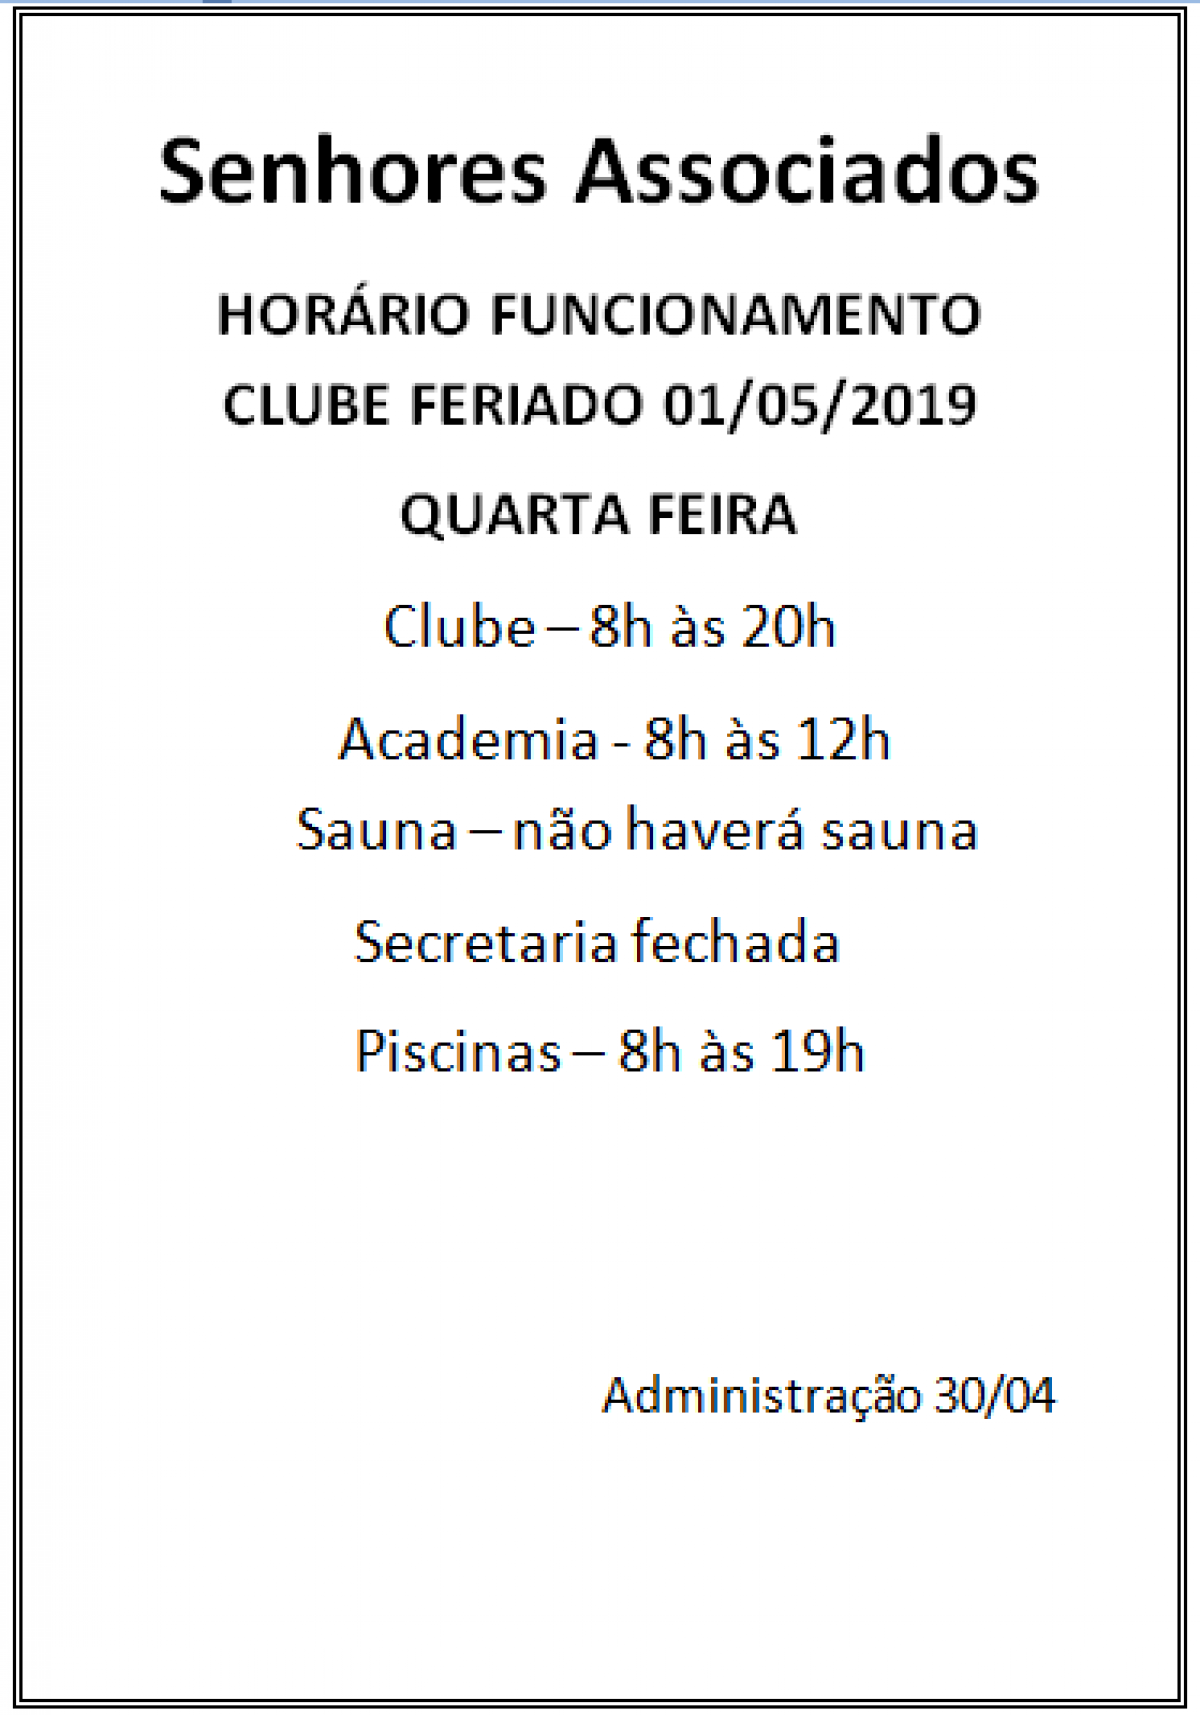 Funcionamento clube feriado 01 maio